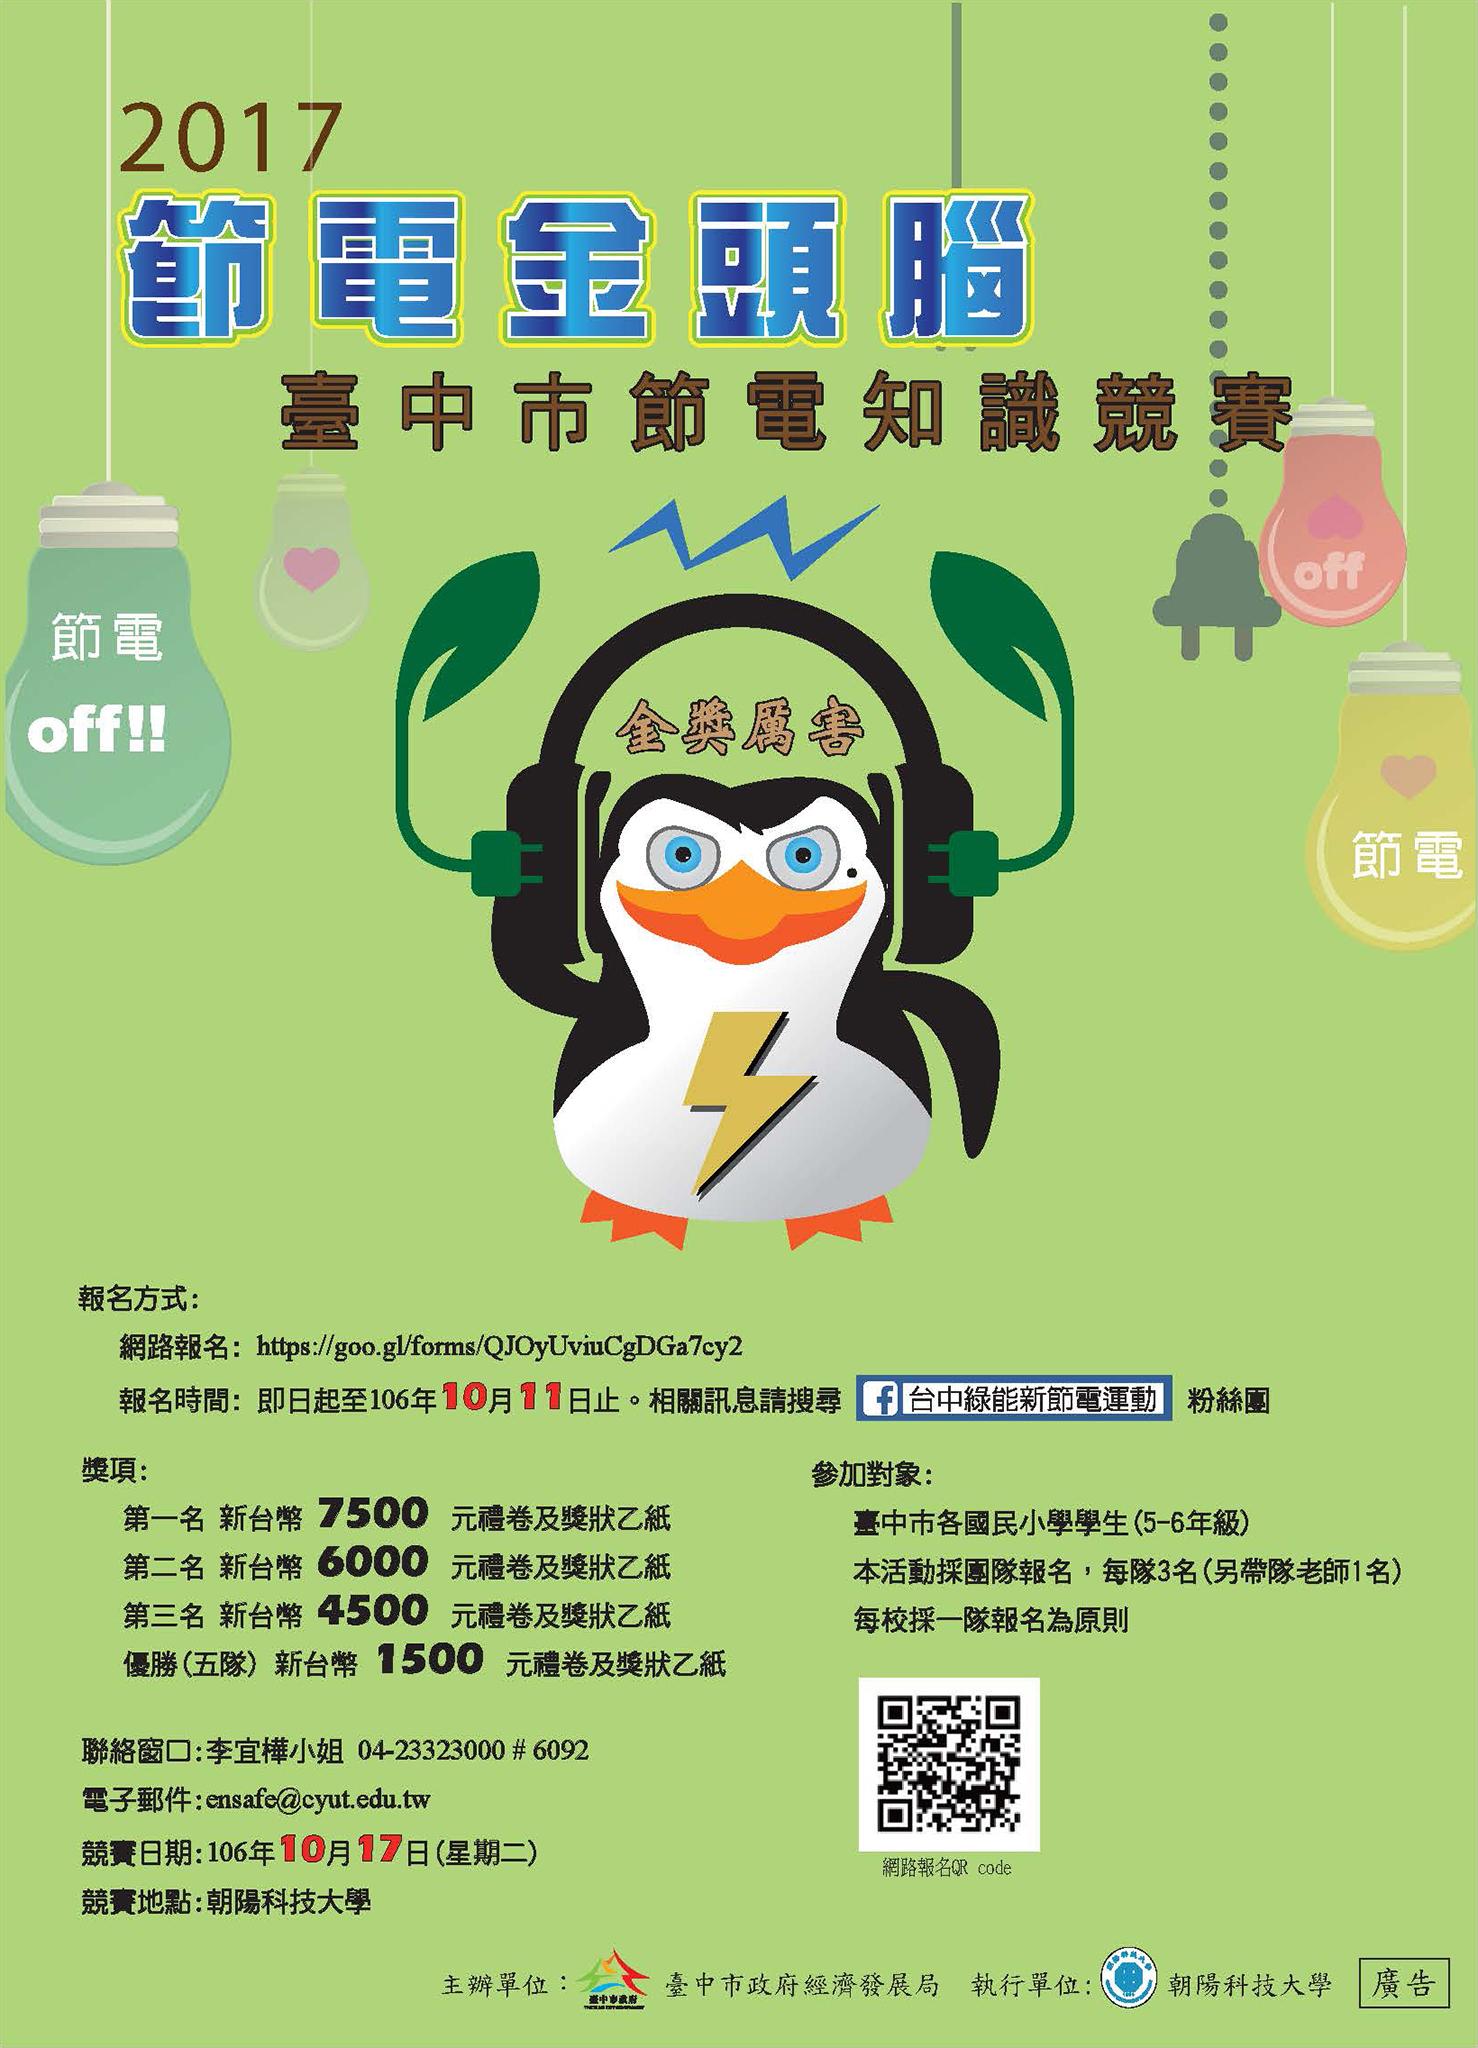 「節電金頭腦」臺中市節電知識競賽